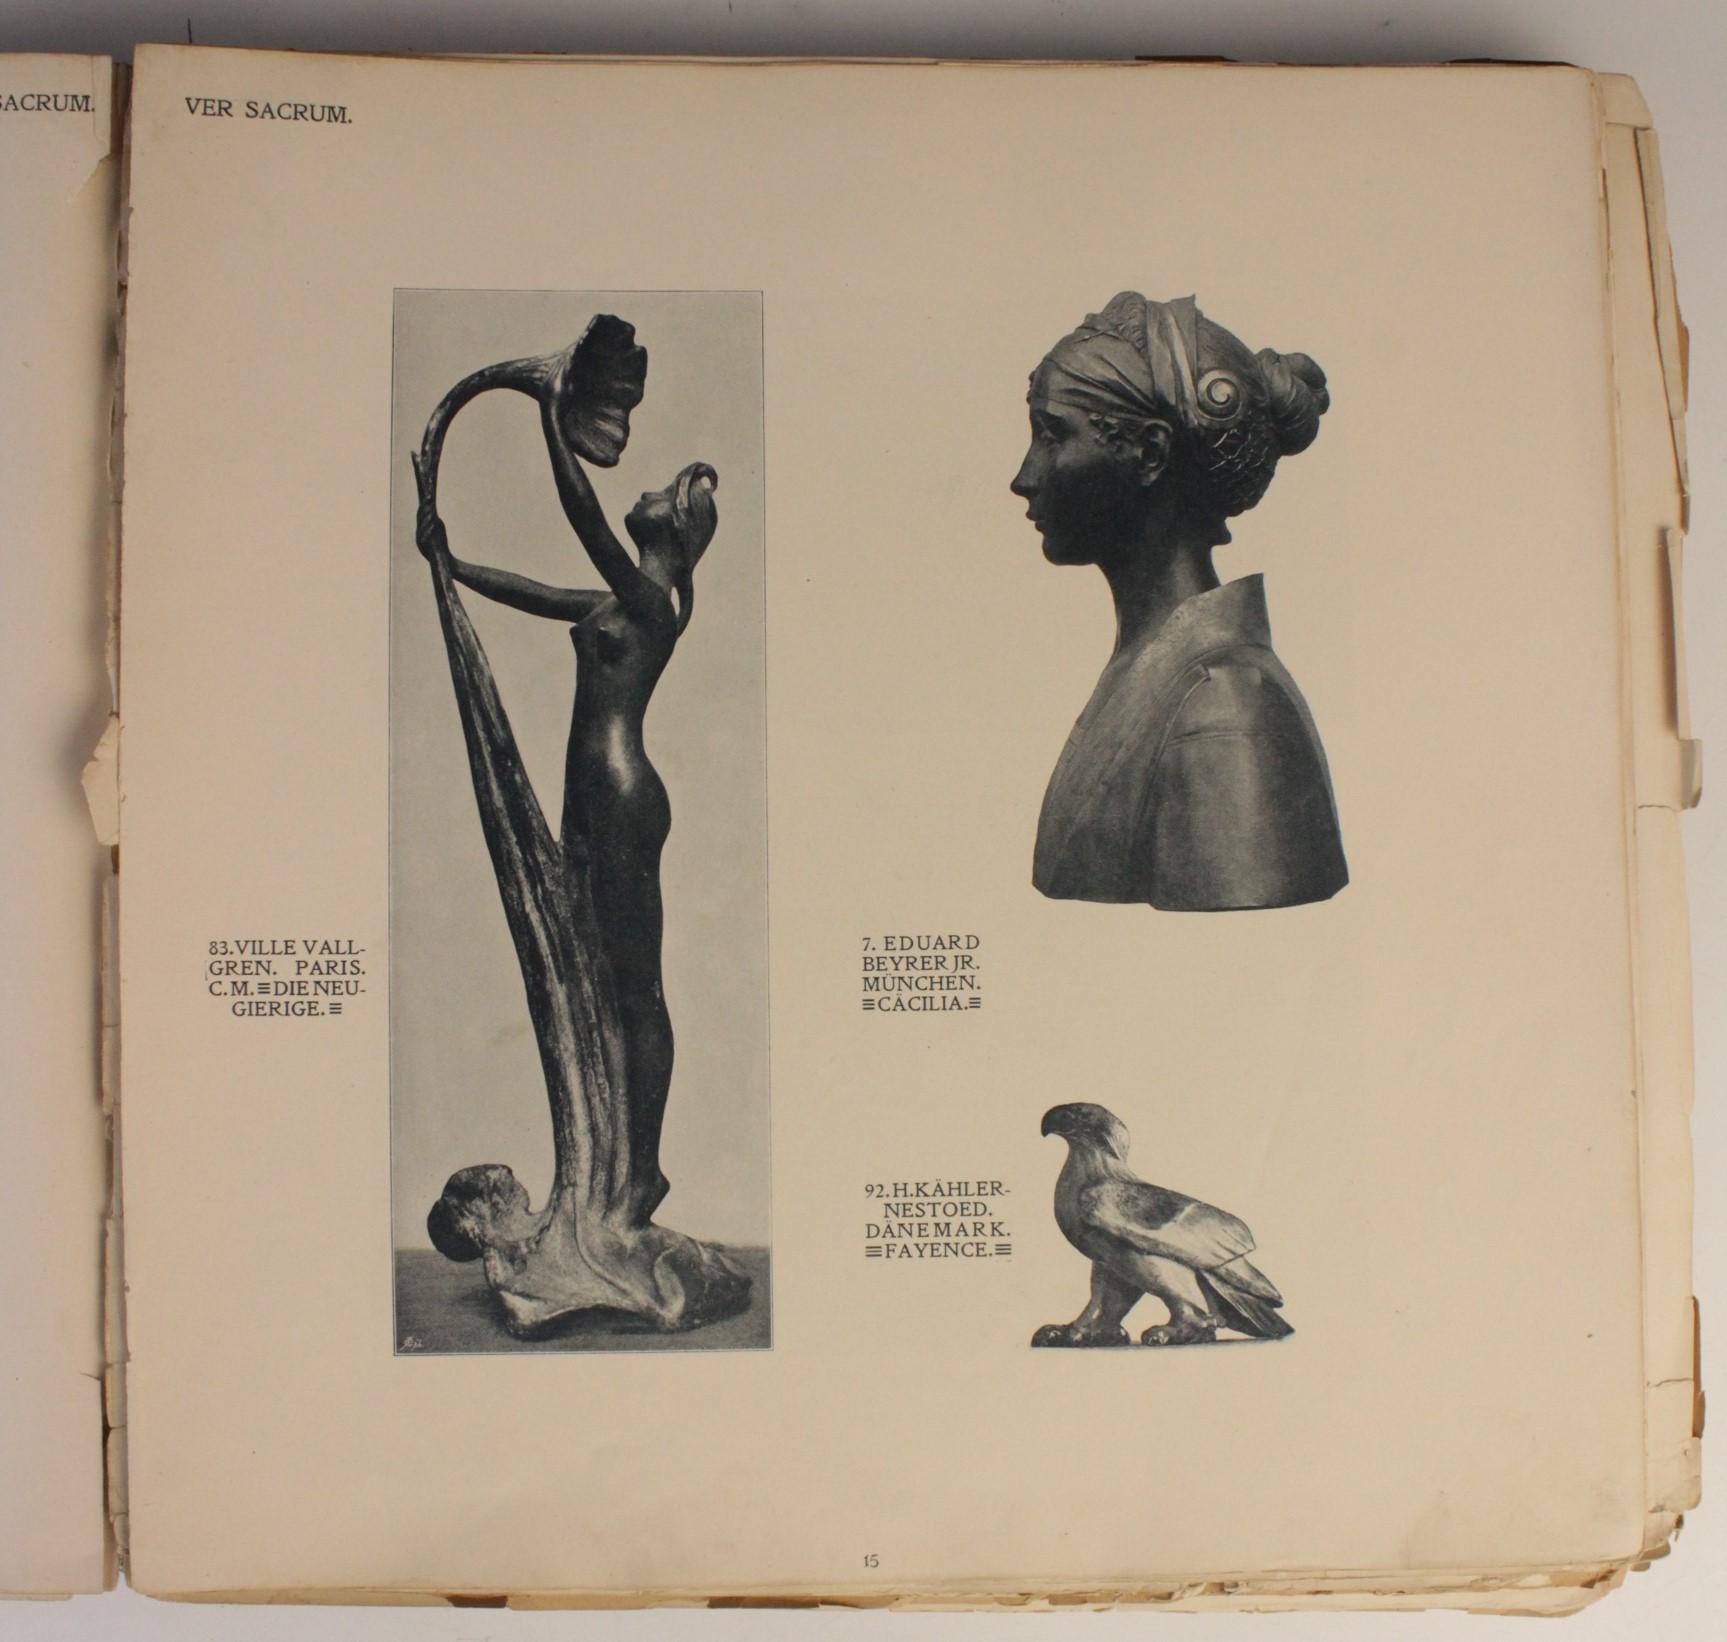 VER SACRUM, ORGAN DER JEREINIGUNG BILDENDER KUENSTLER OSTERREICHS [ORGAN OF THE PURIFICATION OF - Image 6 of 16